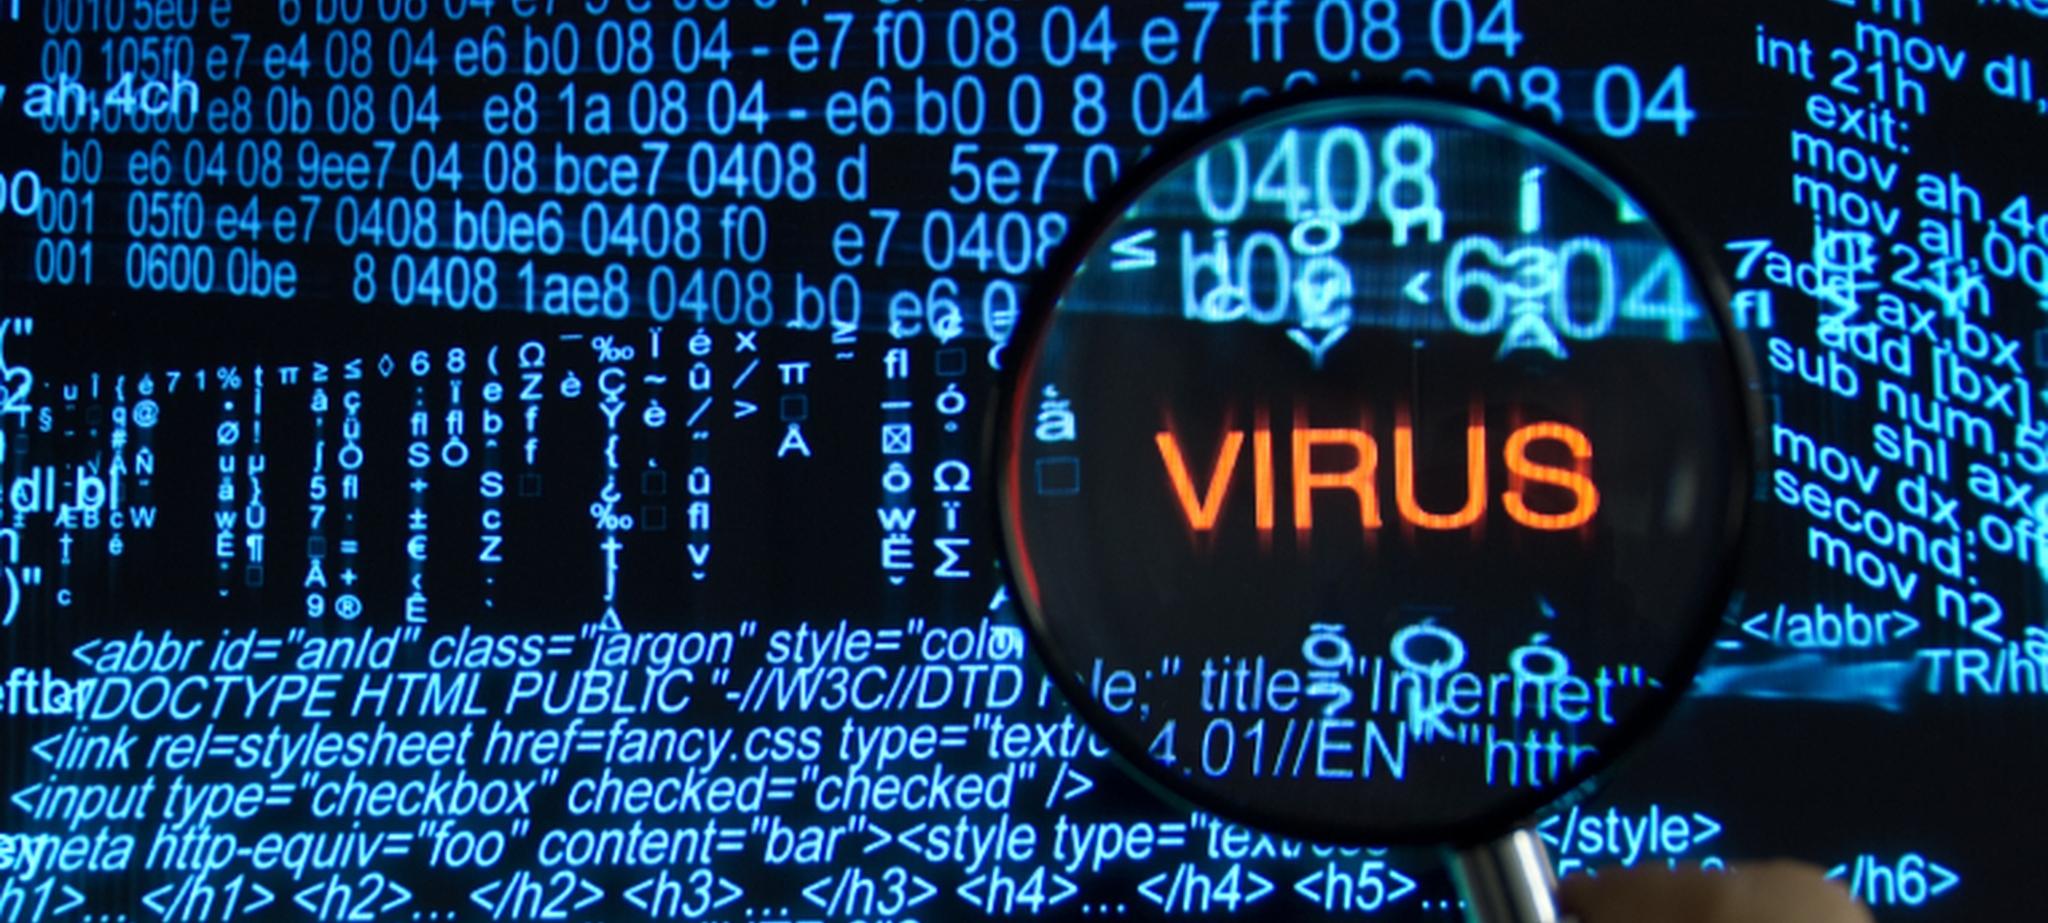 Bilgisayar virüsleri, bilgisayara virüs bulaşması, virüs temizleme